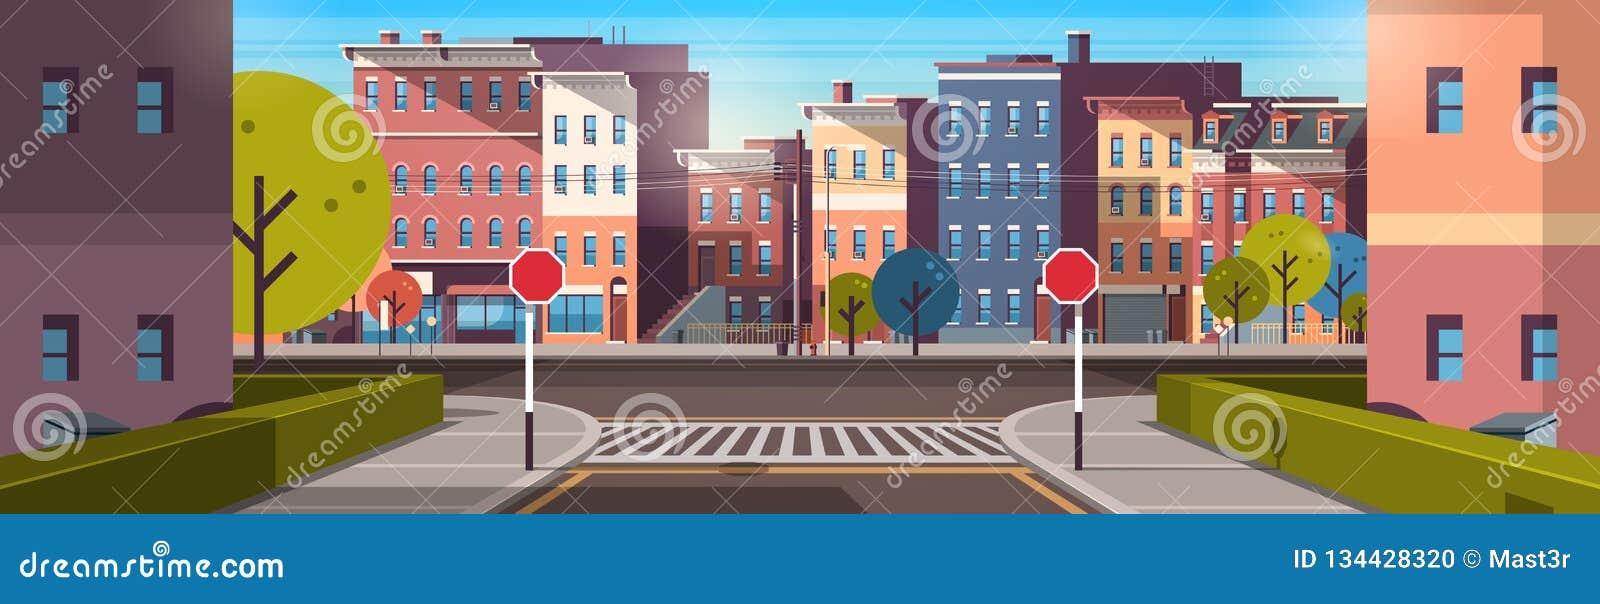 Πόλεων οδών οικοδόμησης σπιτιών οριζόντιο έμβλημα ανατολής ξημερωμάτων οδικής αστικό εικονικής παράστασης πόλης αρχιτεκτονικής κε